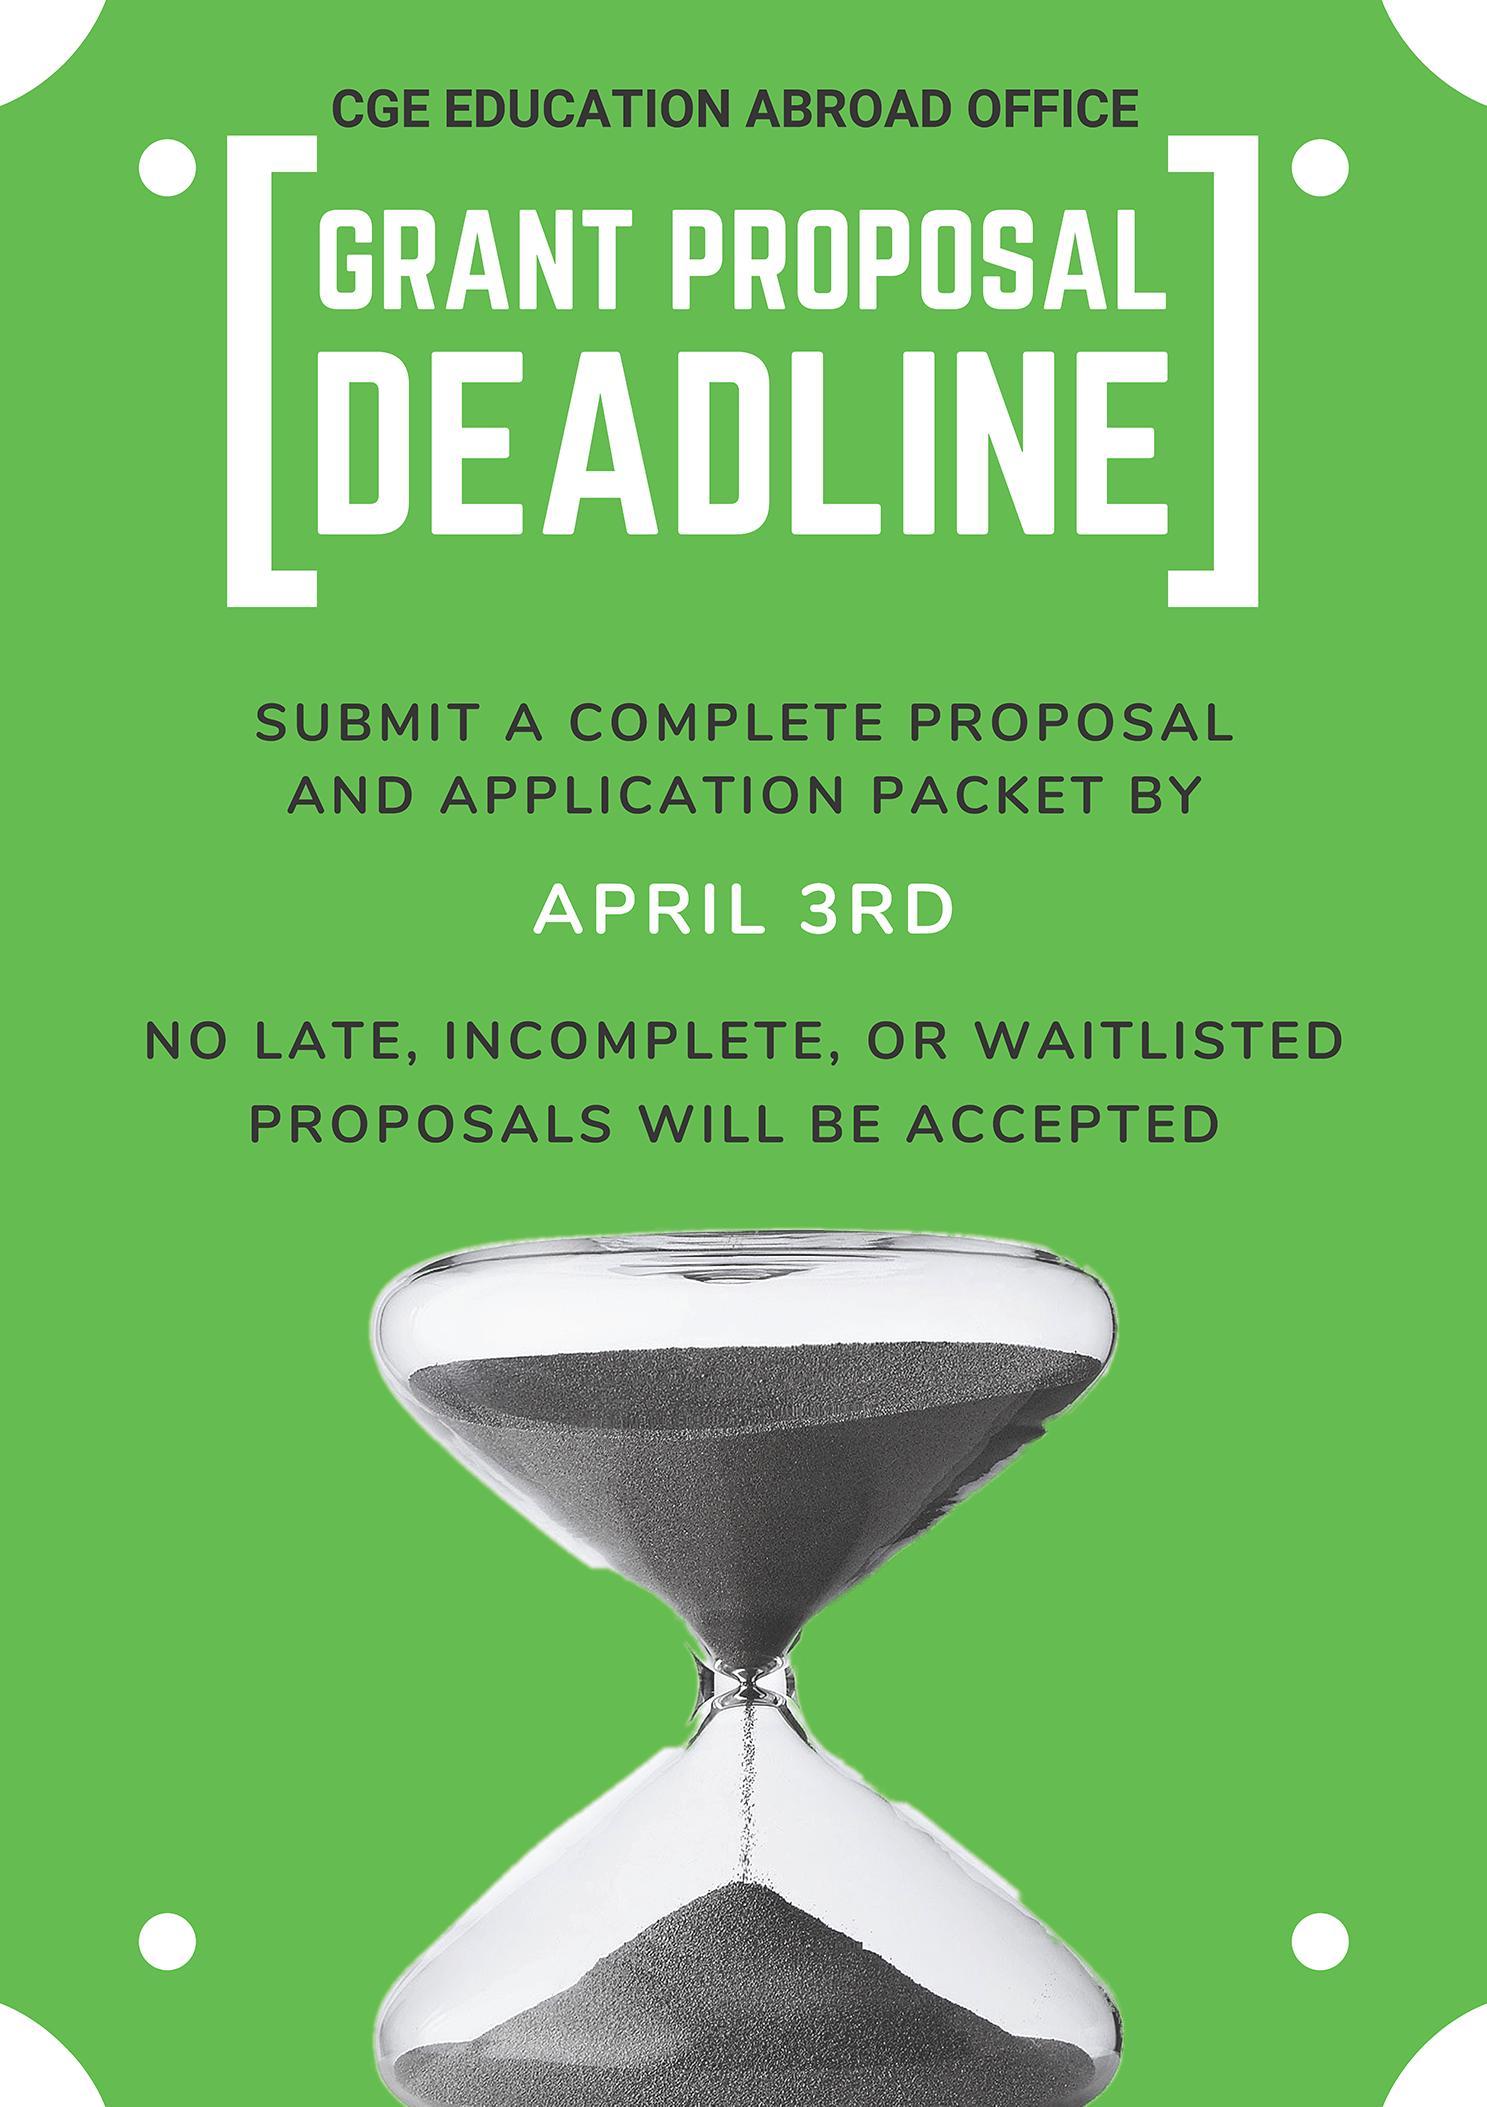 2021 Grant Application Deadline